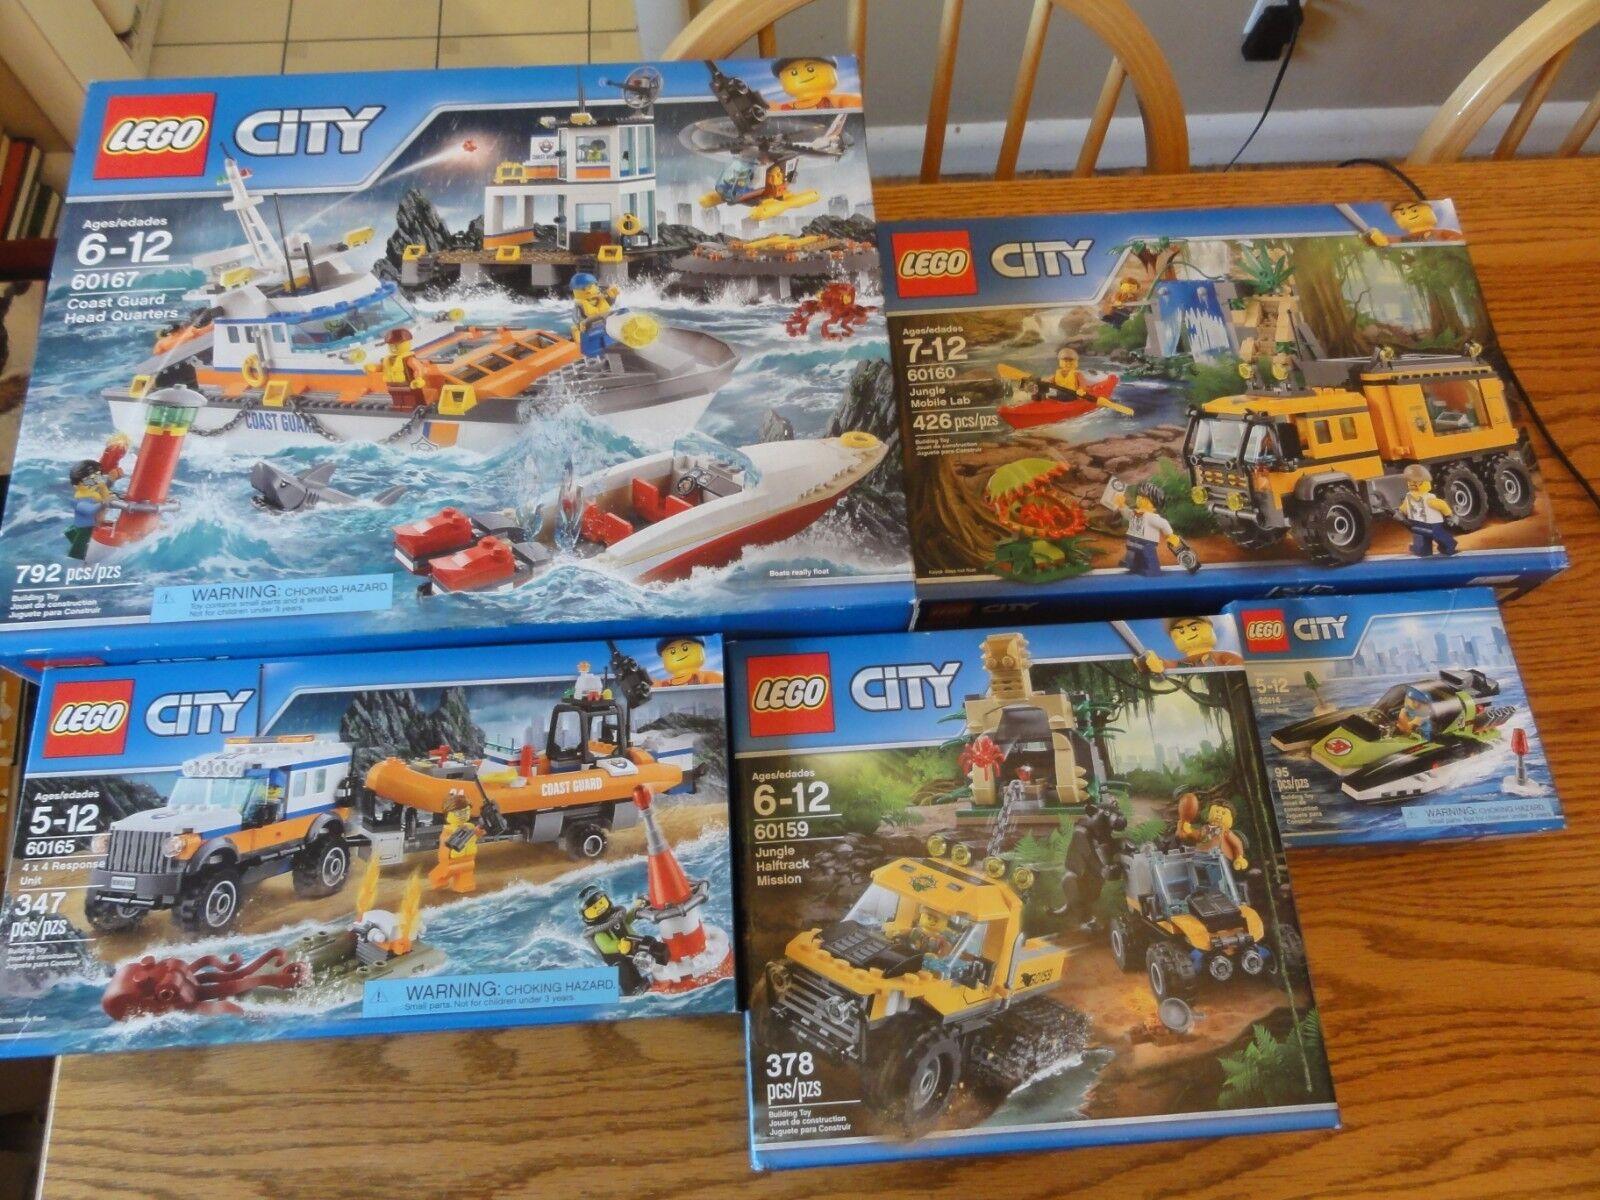 rödUCERAD Splitter New LEGO CITY byggnad Sets 60159, 60160, 60165, 60167, 60114